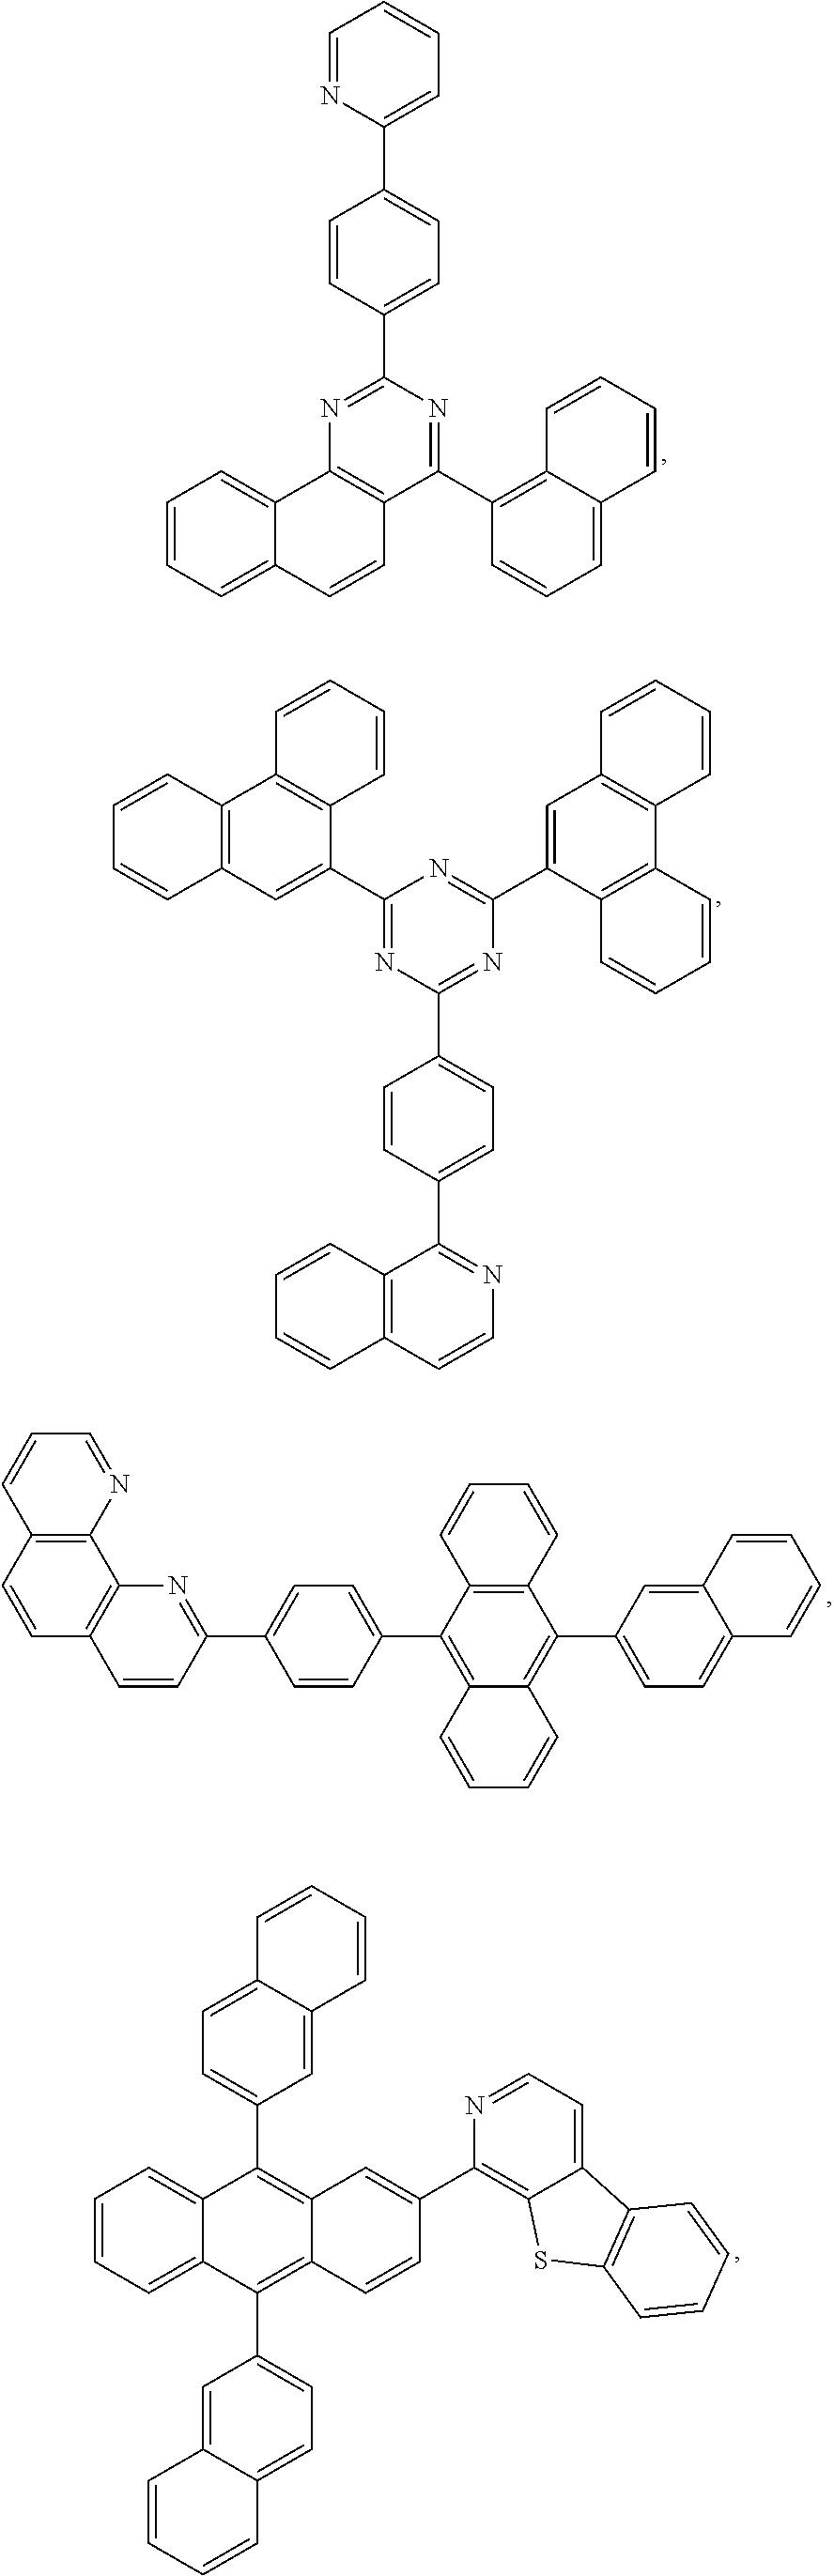 Figure US09978956-20180522-C00098